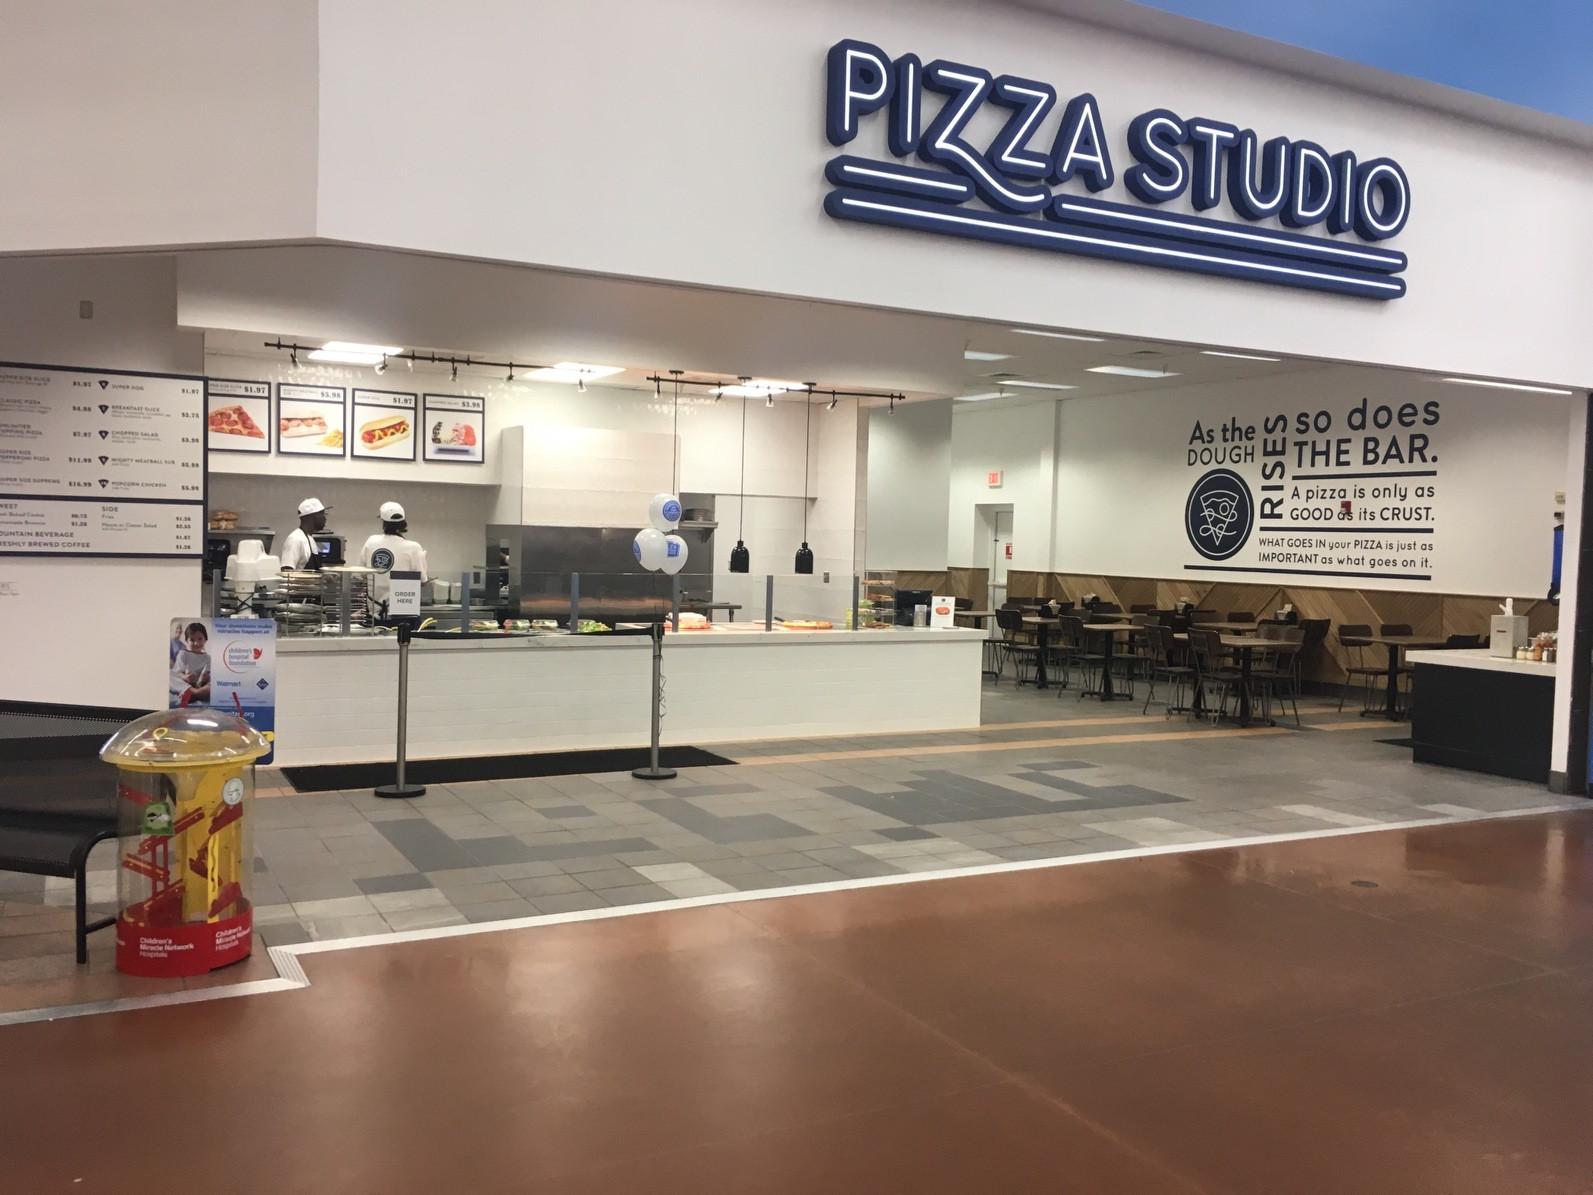 SRD Pizza Studio